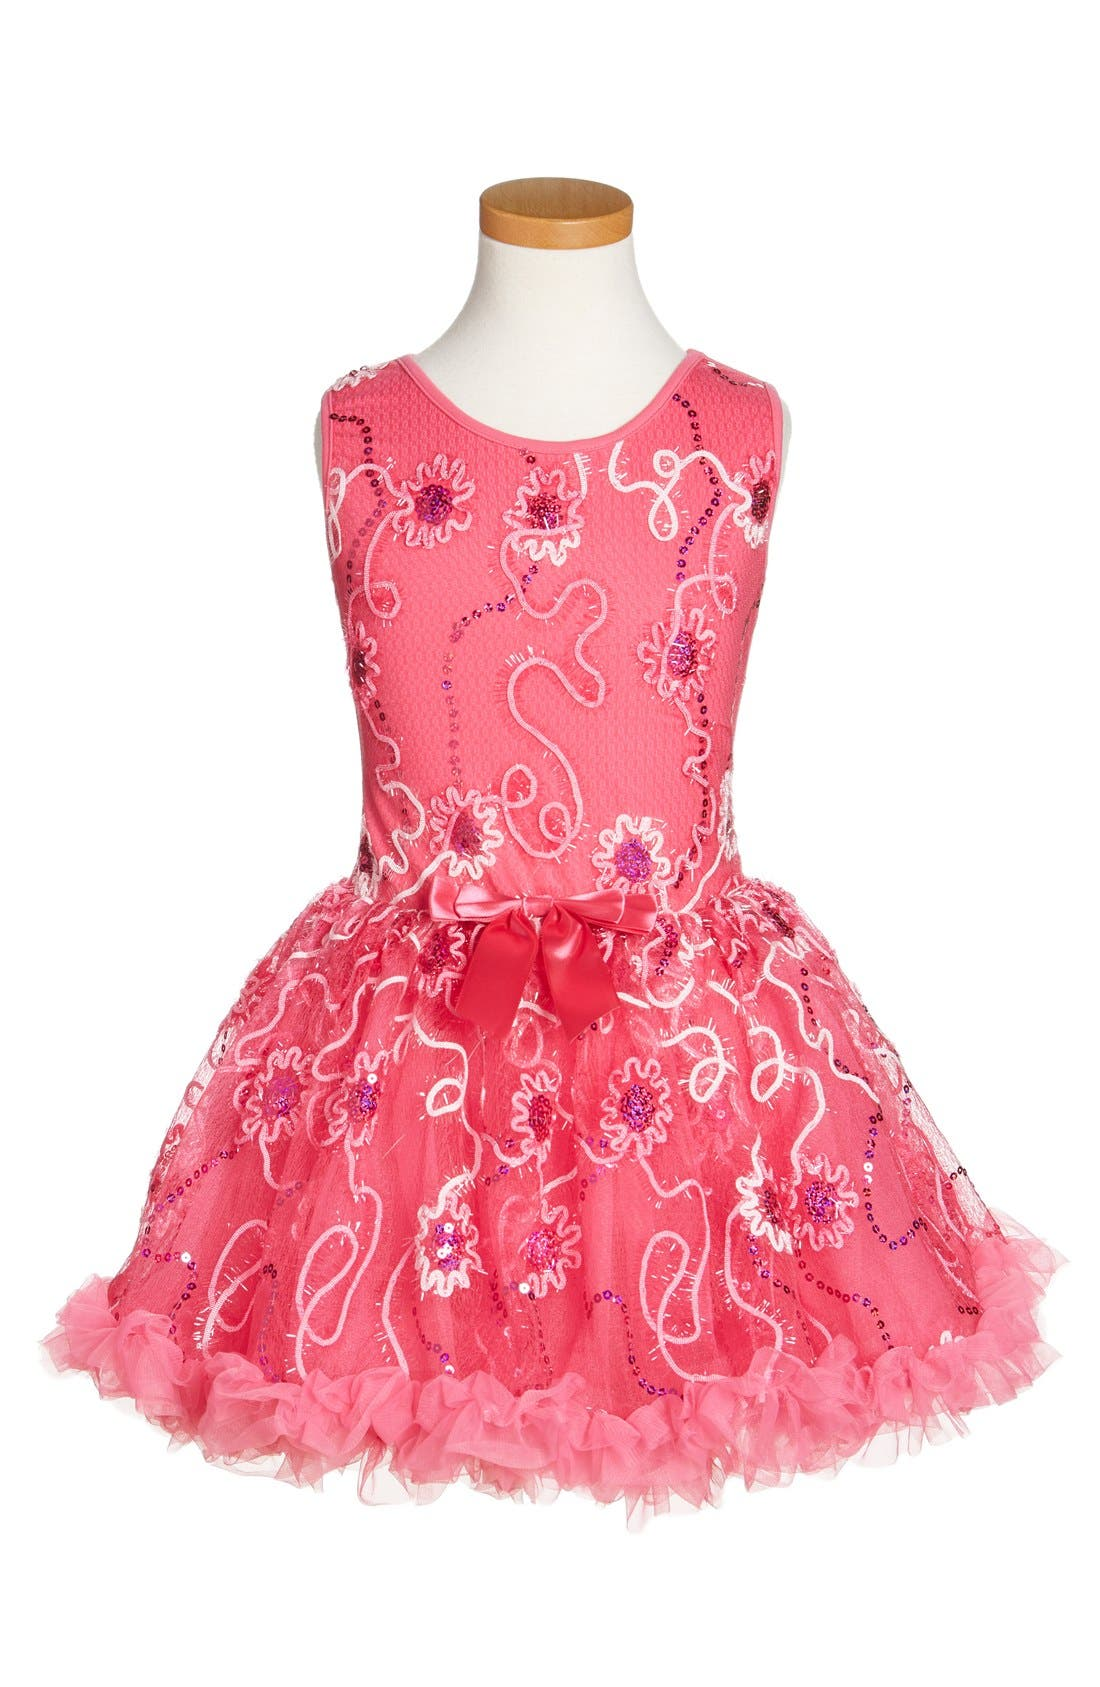 Popatu Sleeveless Sequin Dress Toddler Girls & Little